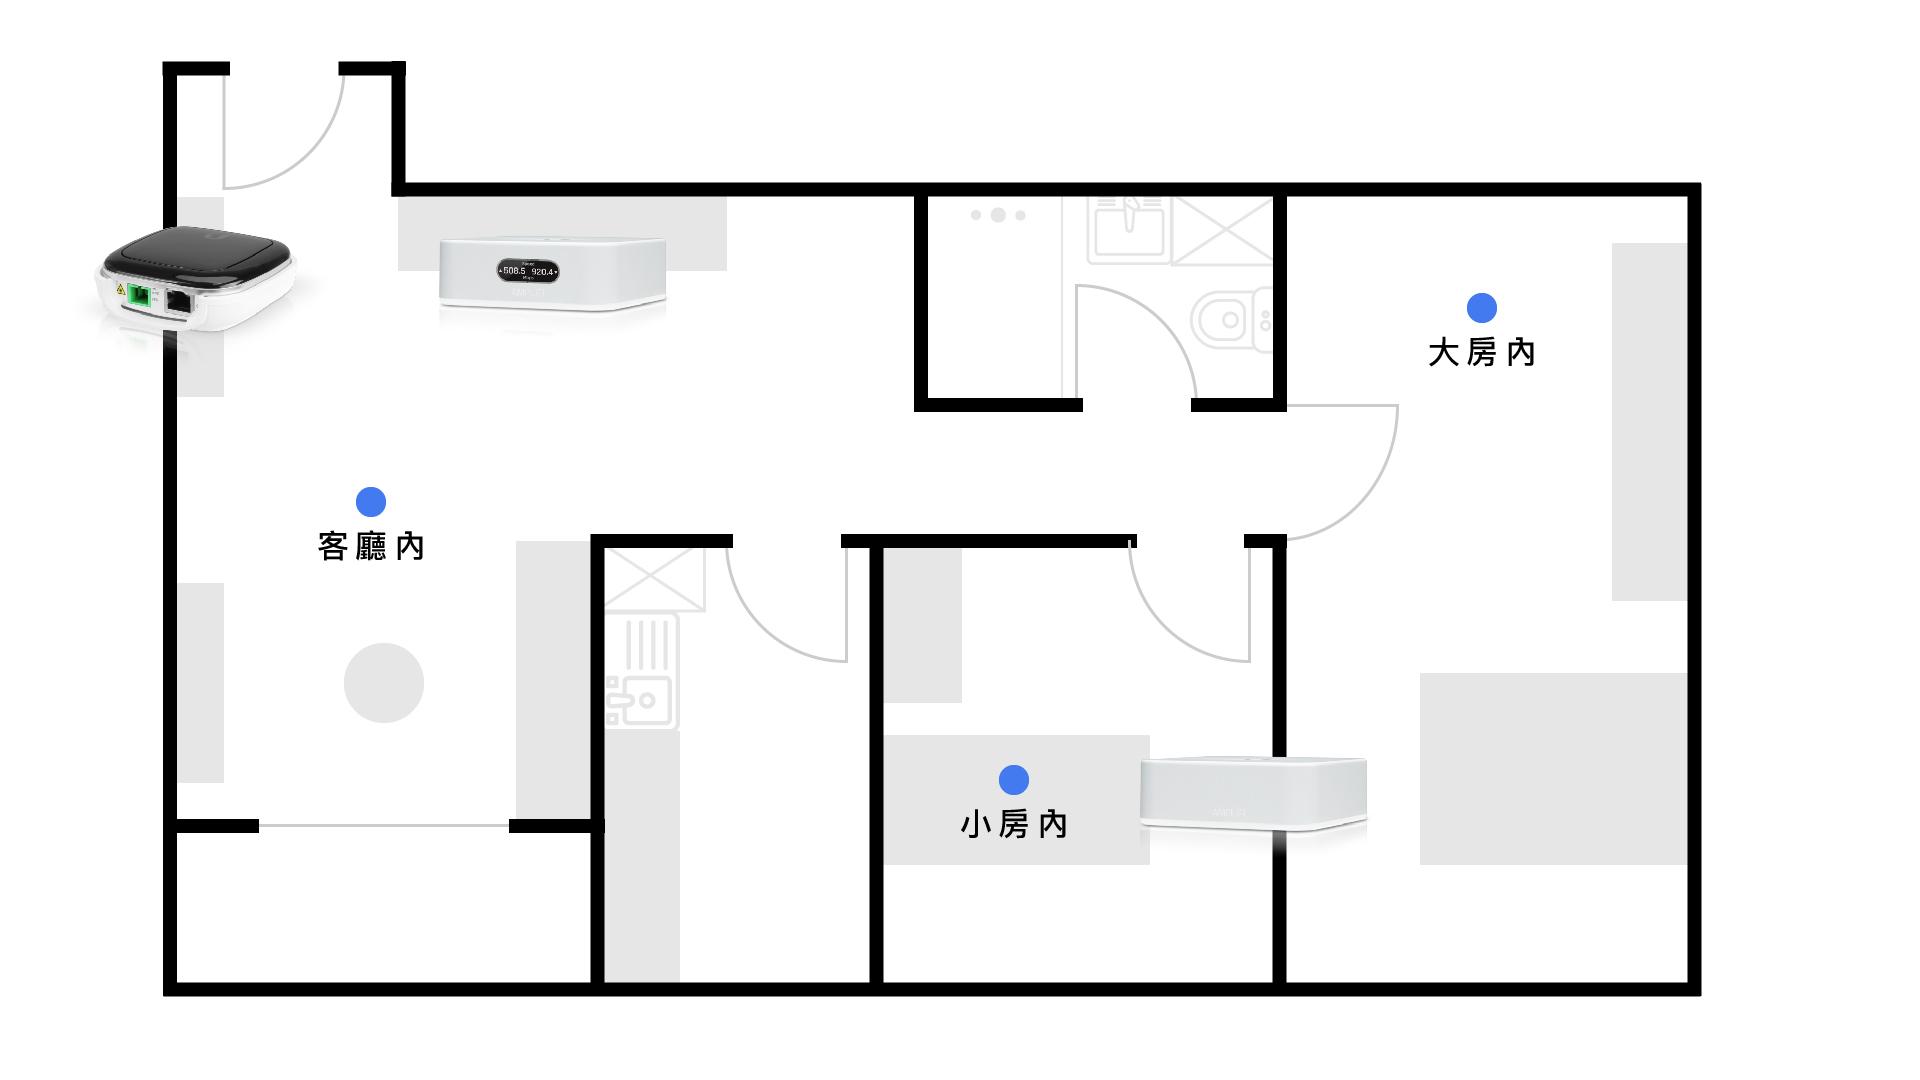 Ubiquiti AmpliFi Instant 評測:簡單設定Mesh WiFi 迷你設計 21